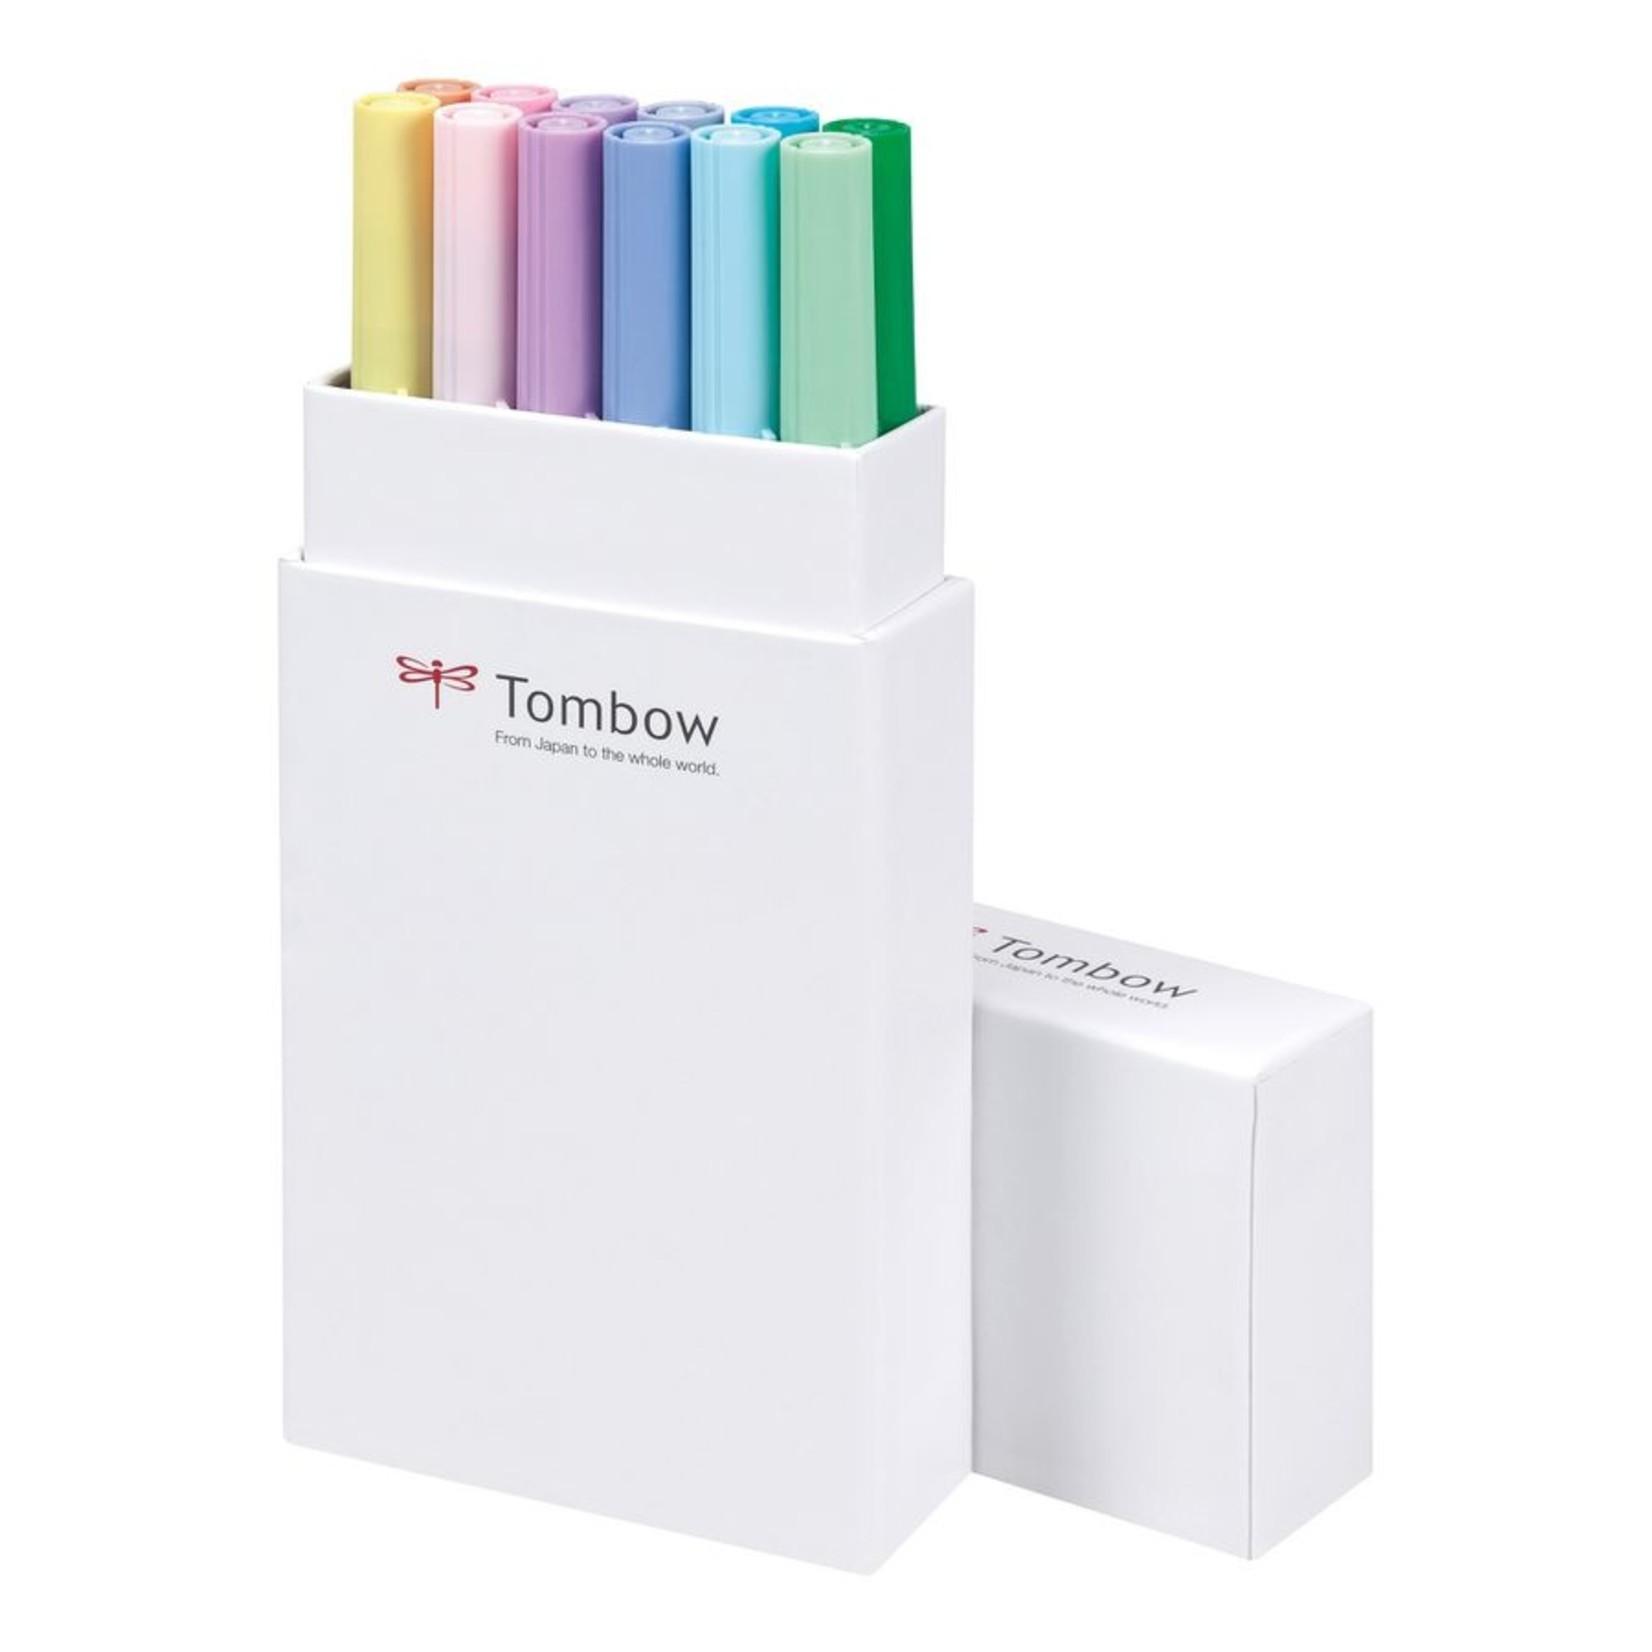 Tombow Dual Brush Pen 12er-Set Pastellfarben